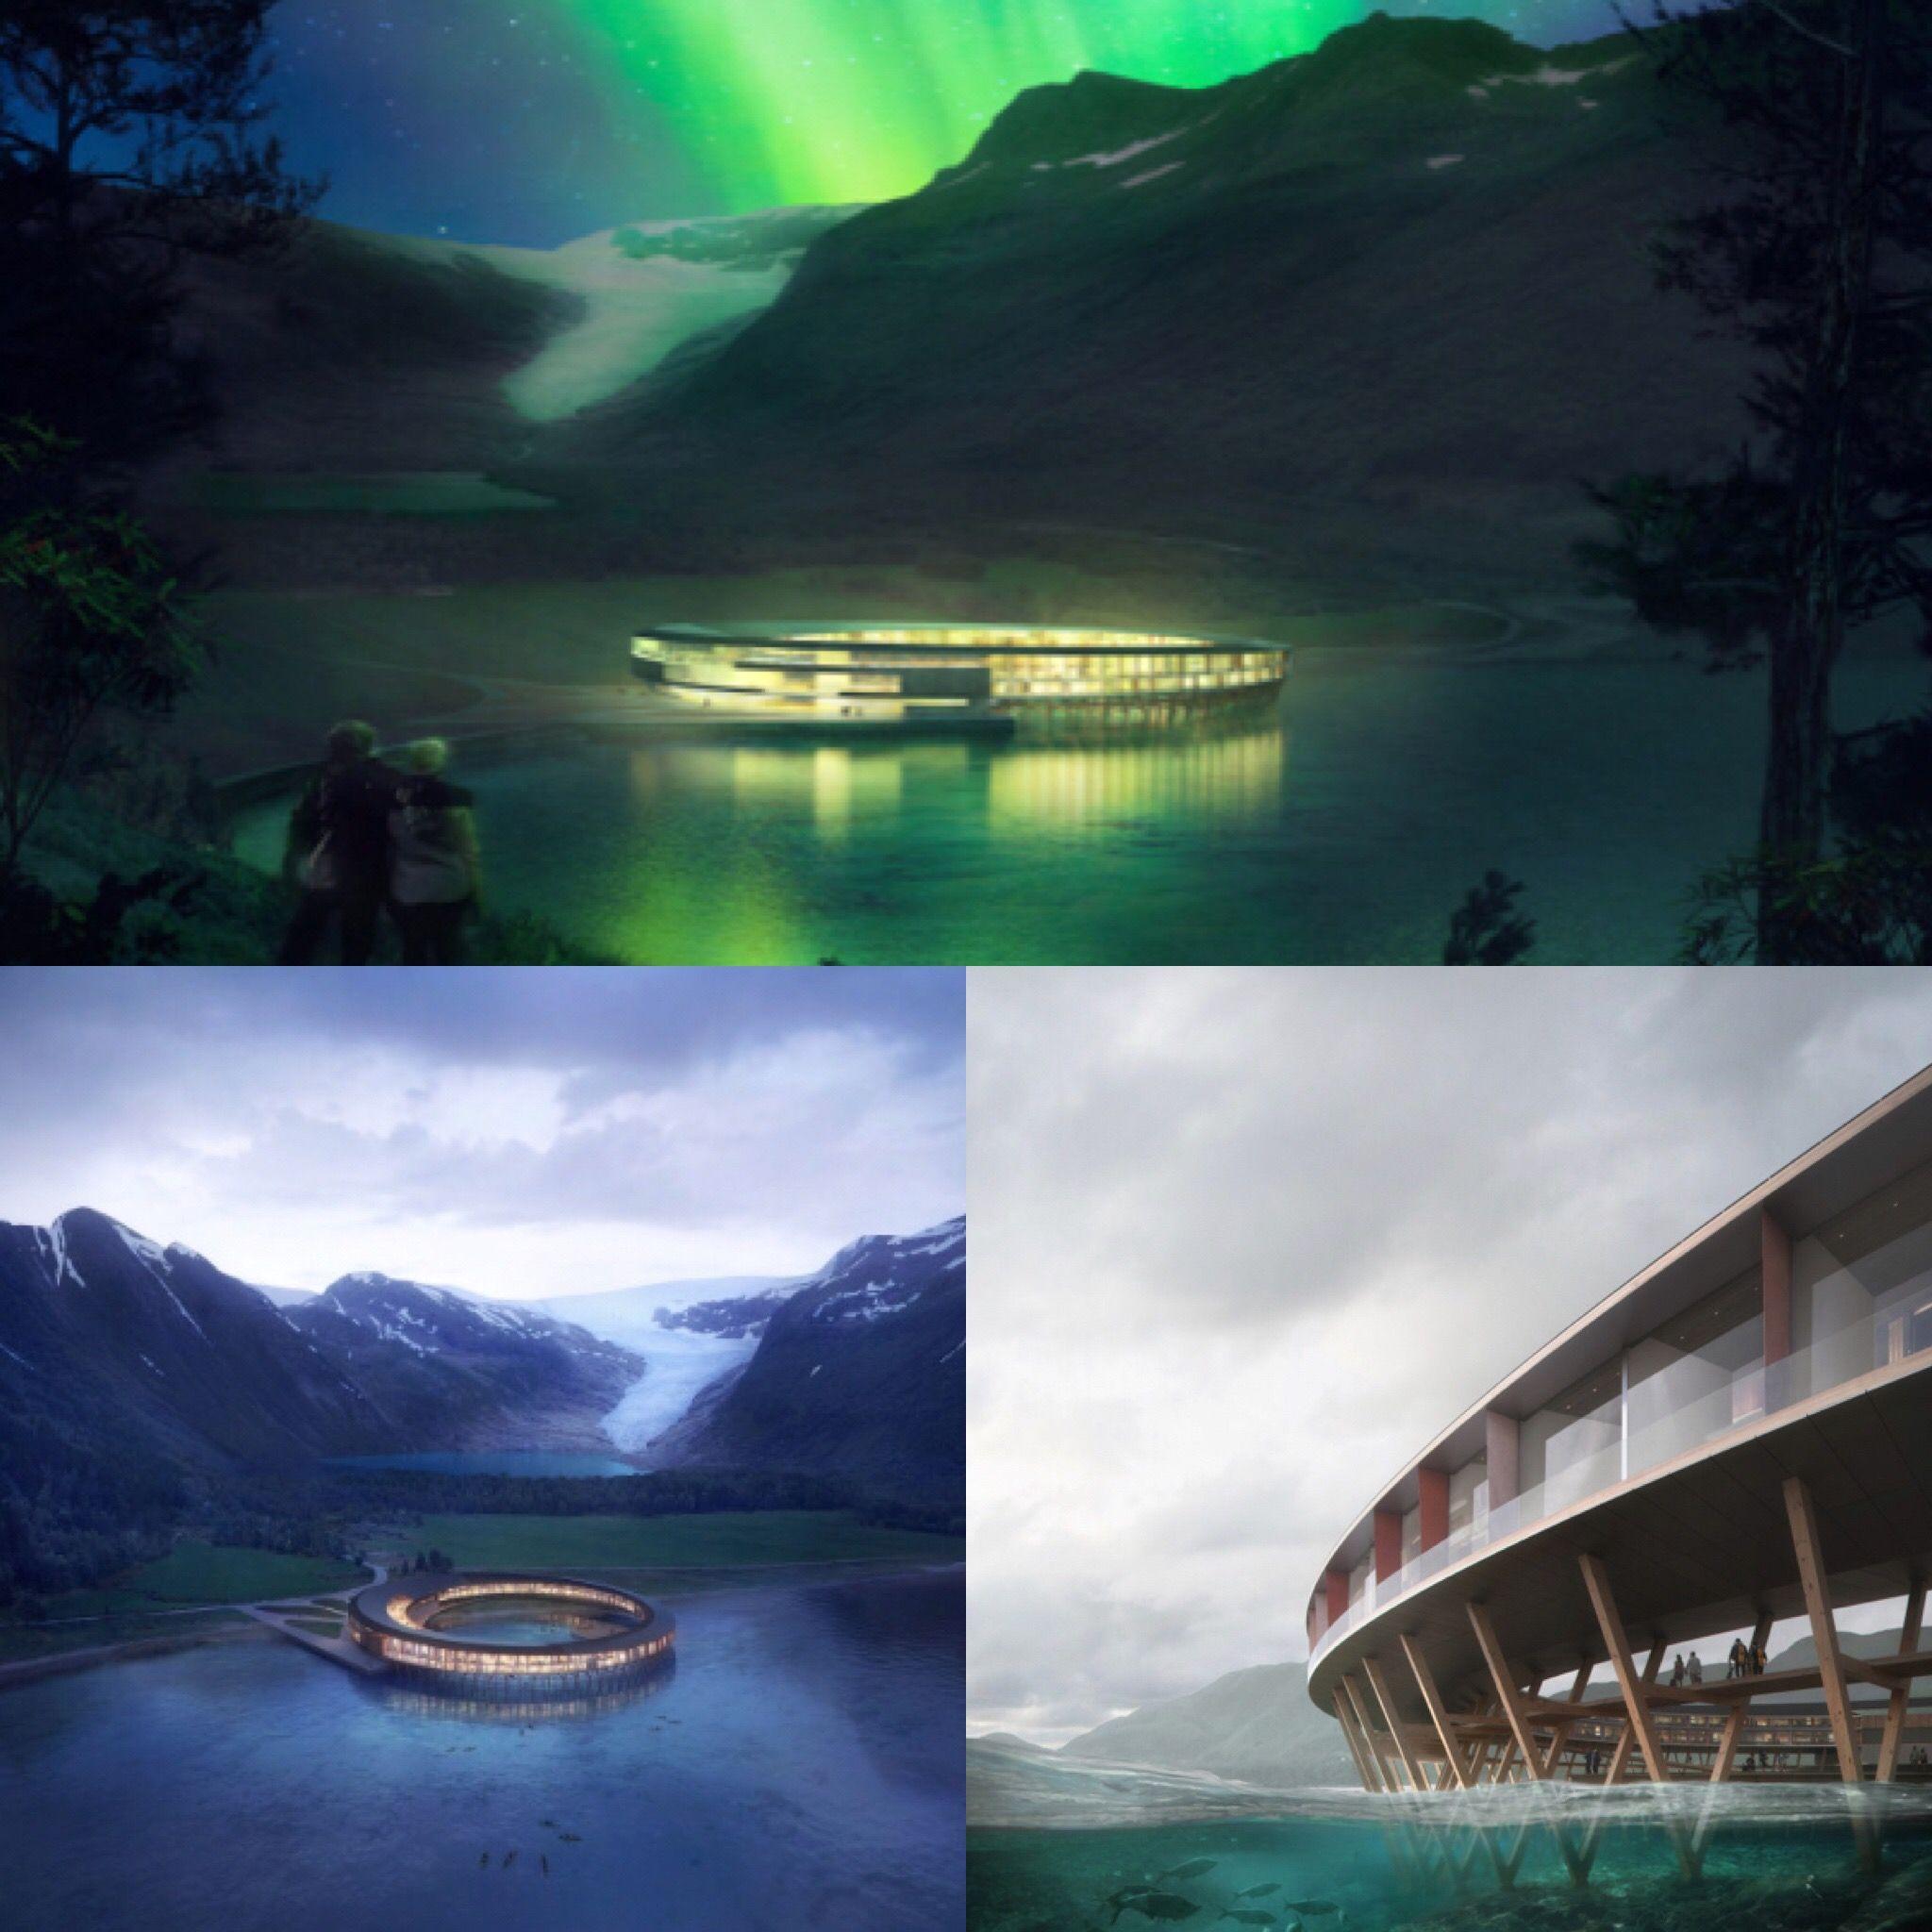 挪威北極圈新體驗:「未來旅館」給你360度極光、冰川全視角衝擊!